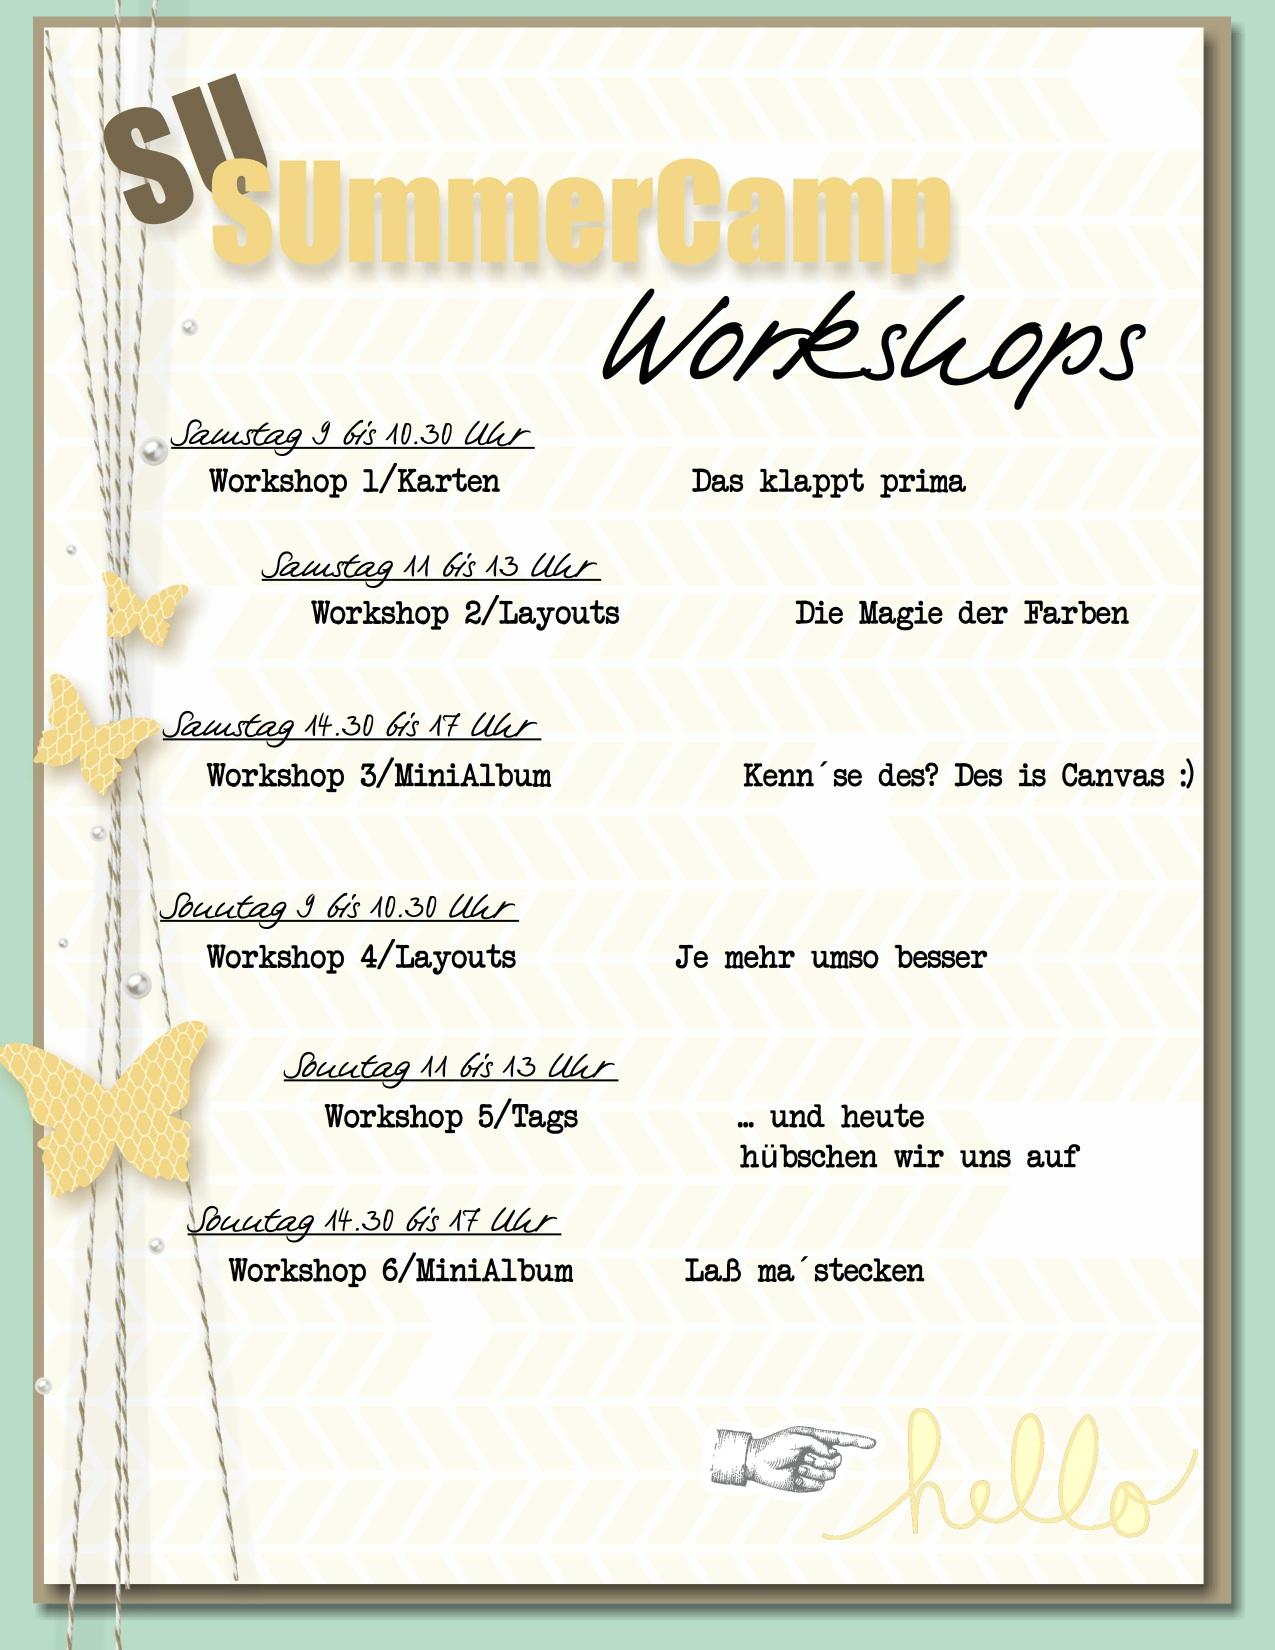 SUmmerCamp WorkshopPlan